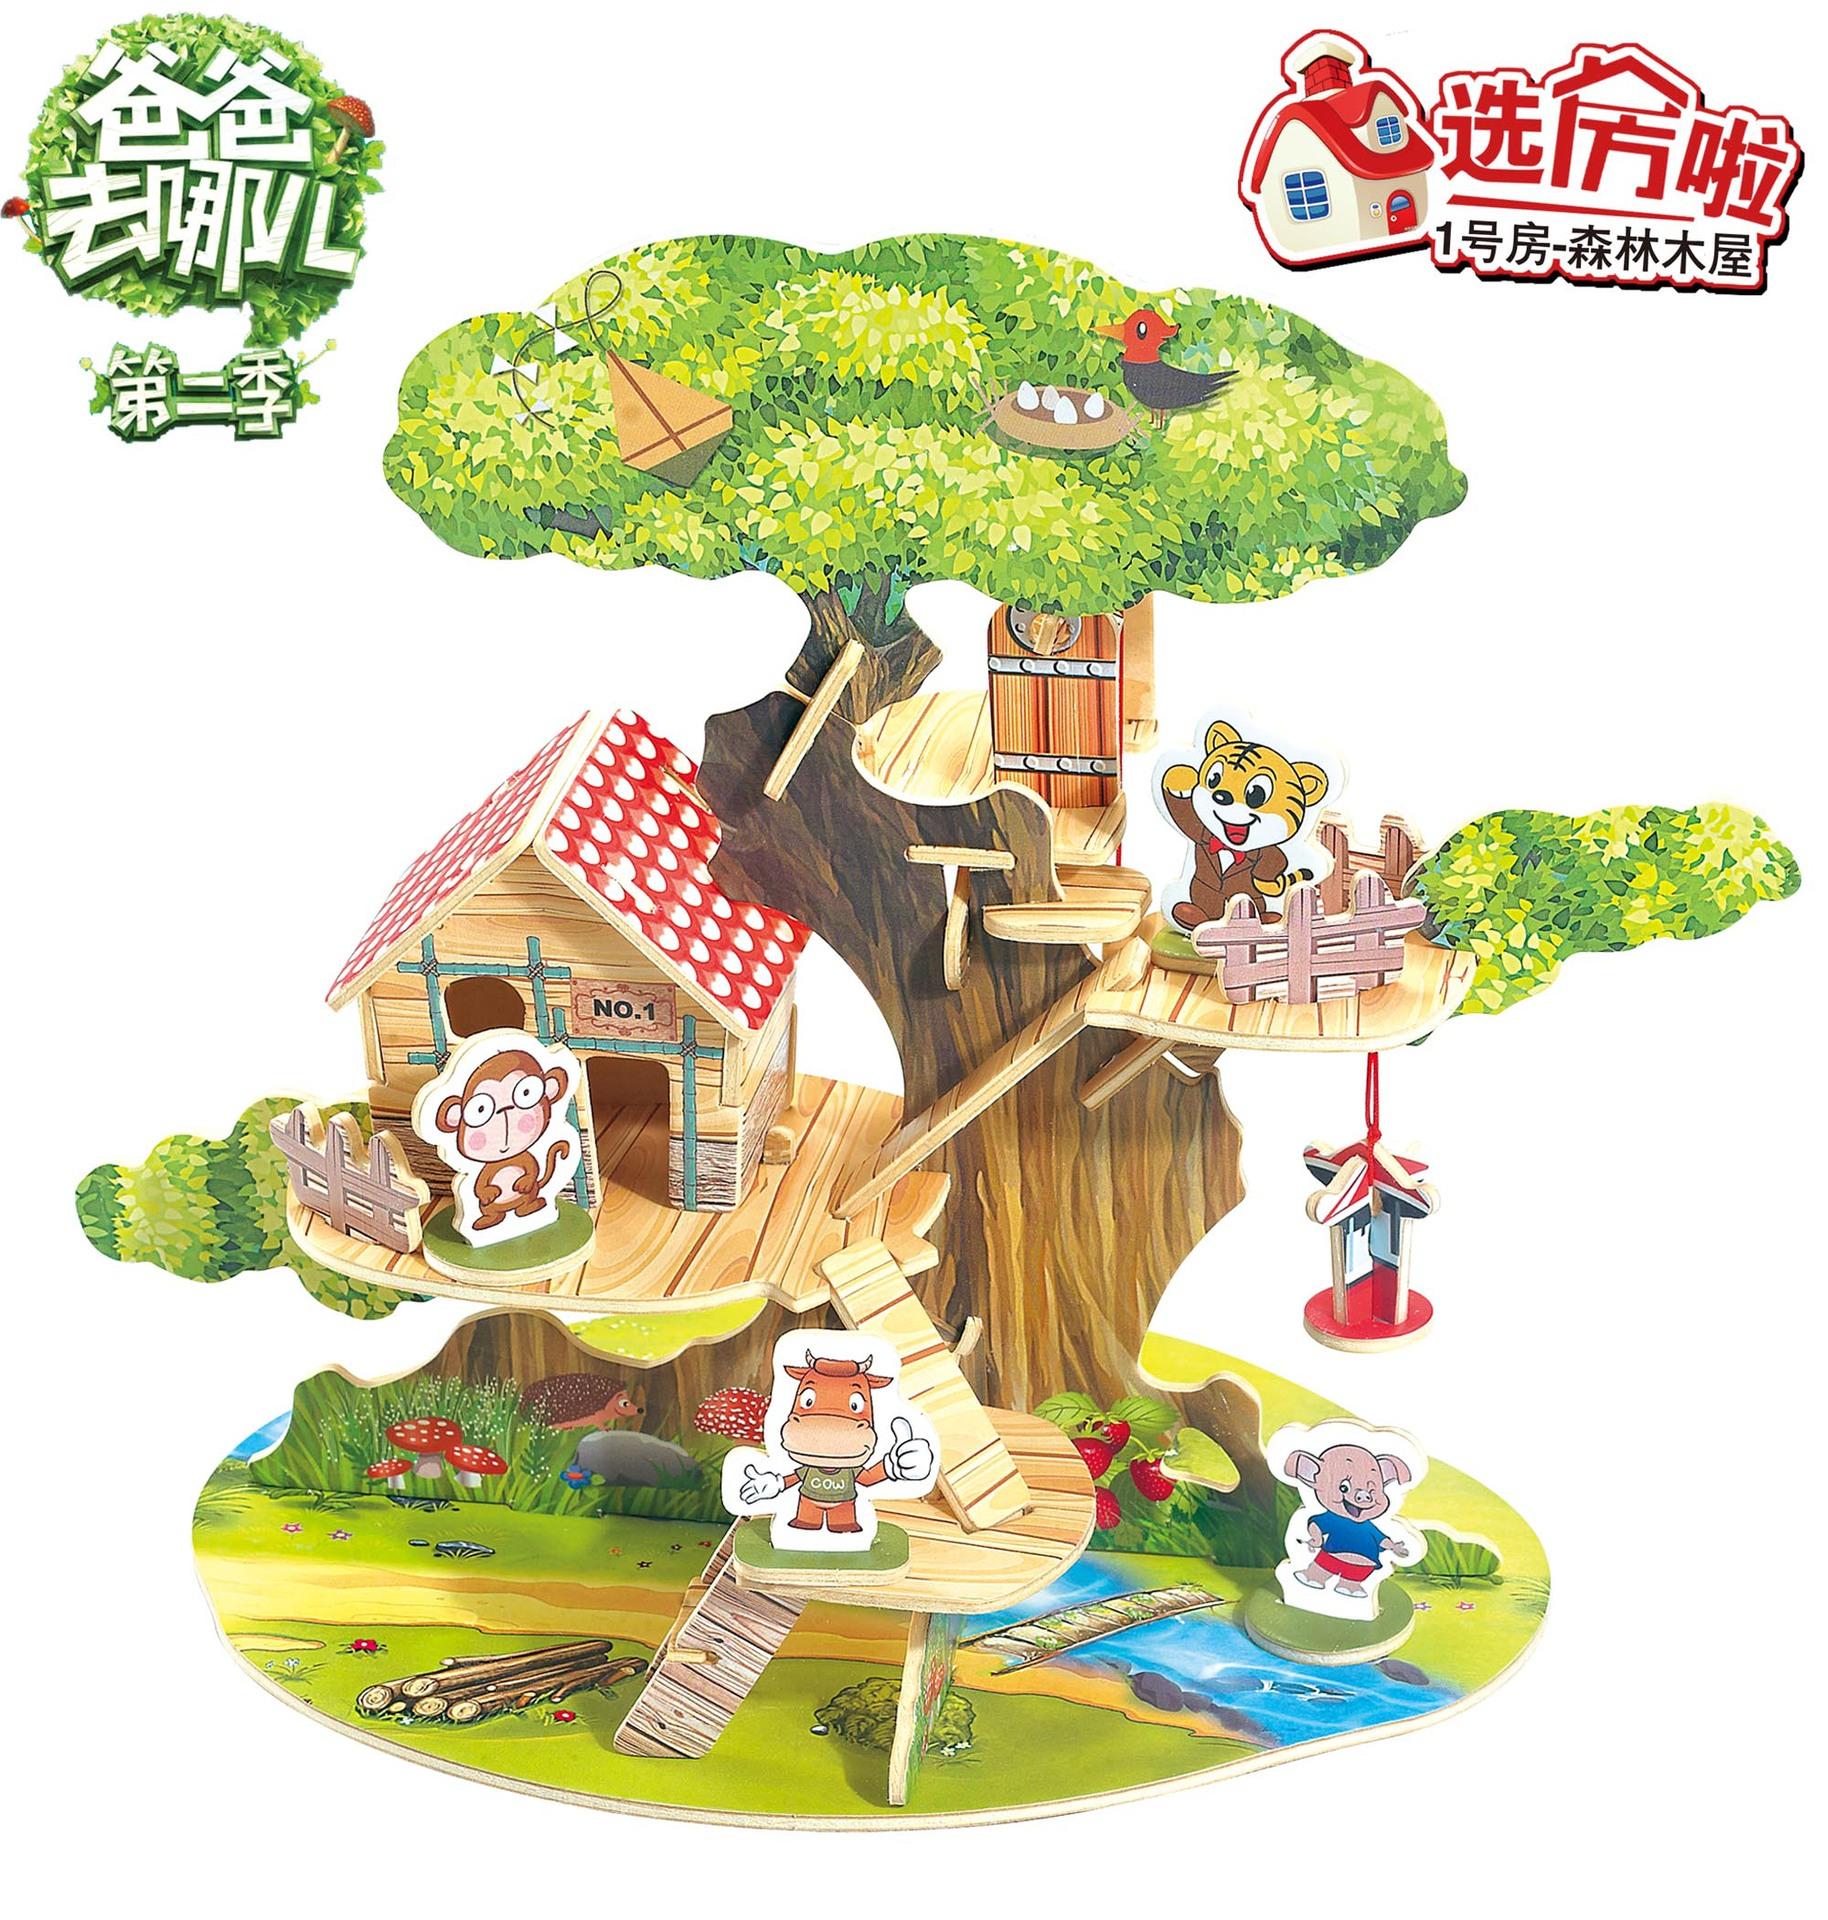 木质立体拼图 diy立体积木模型 463d木质立体diy森林别墅积木 阿里巴巴